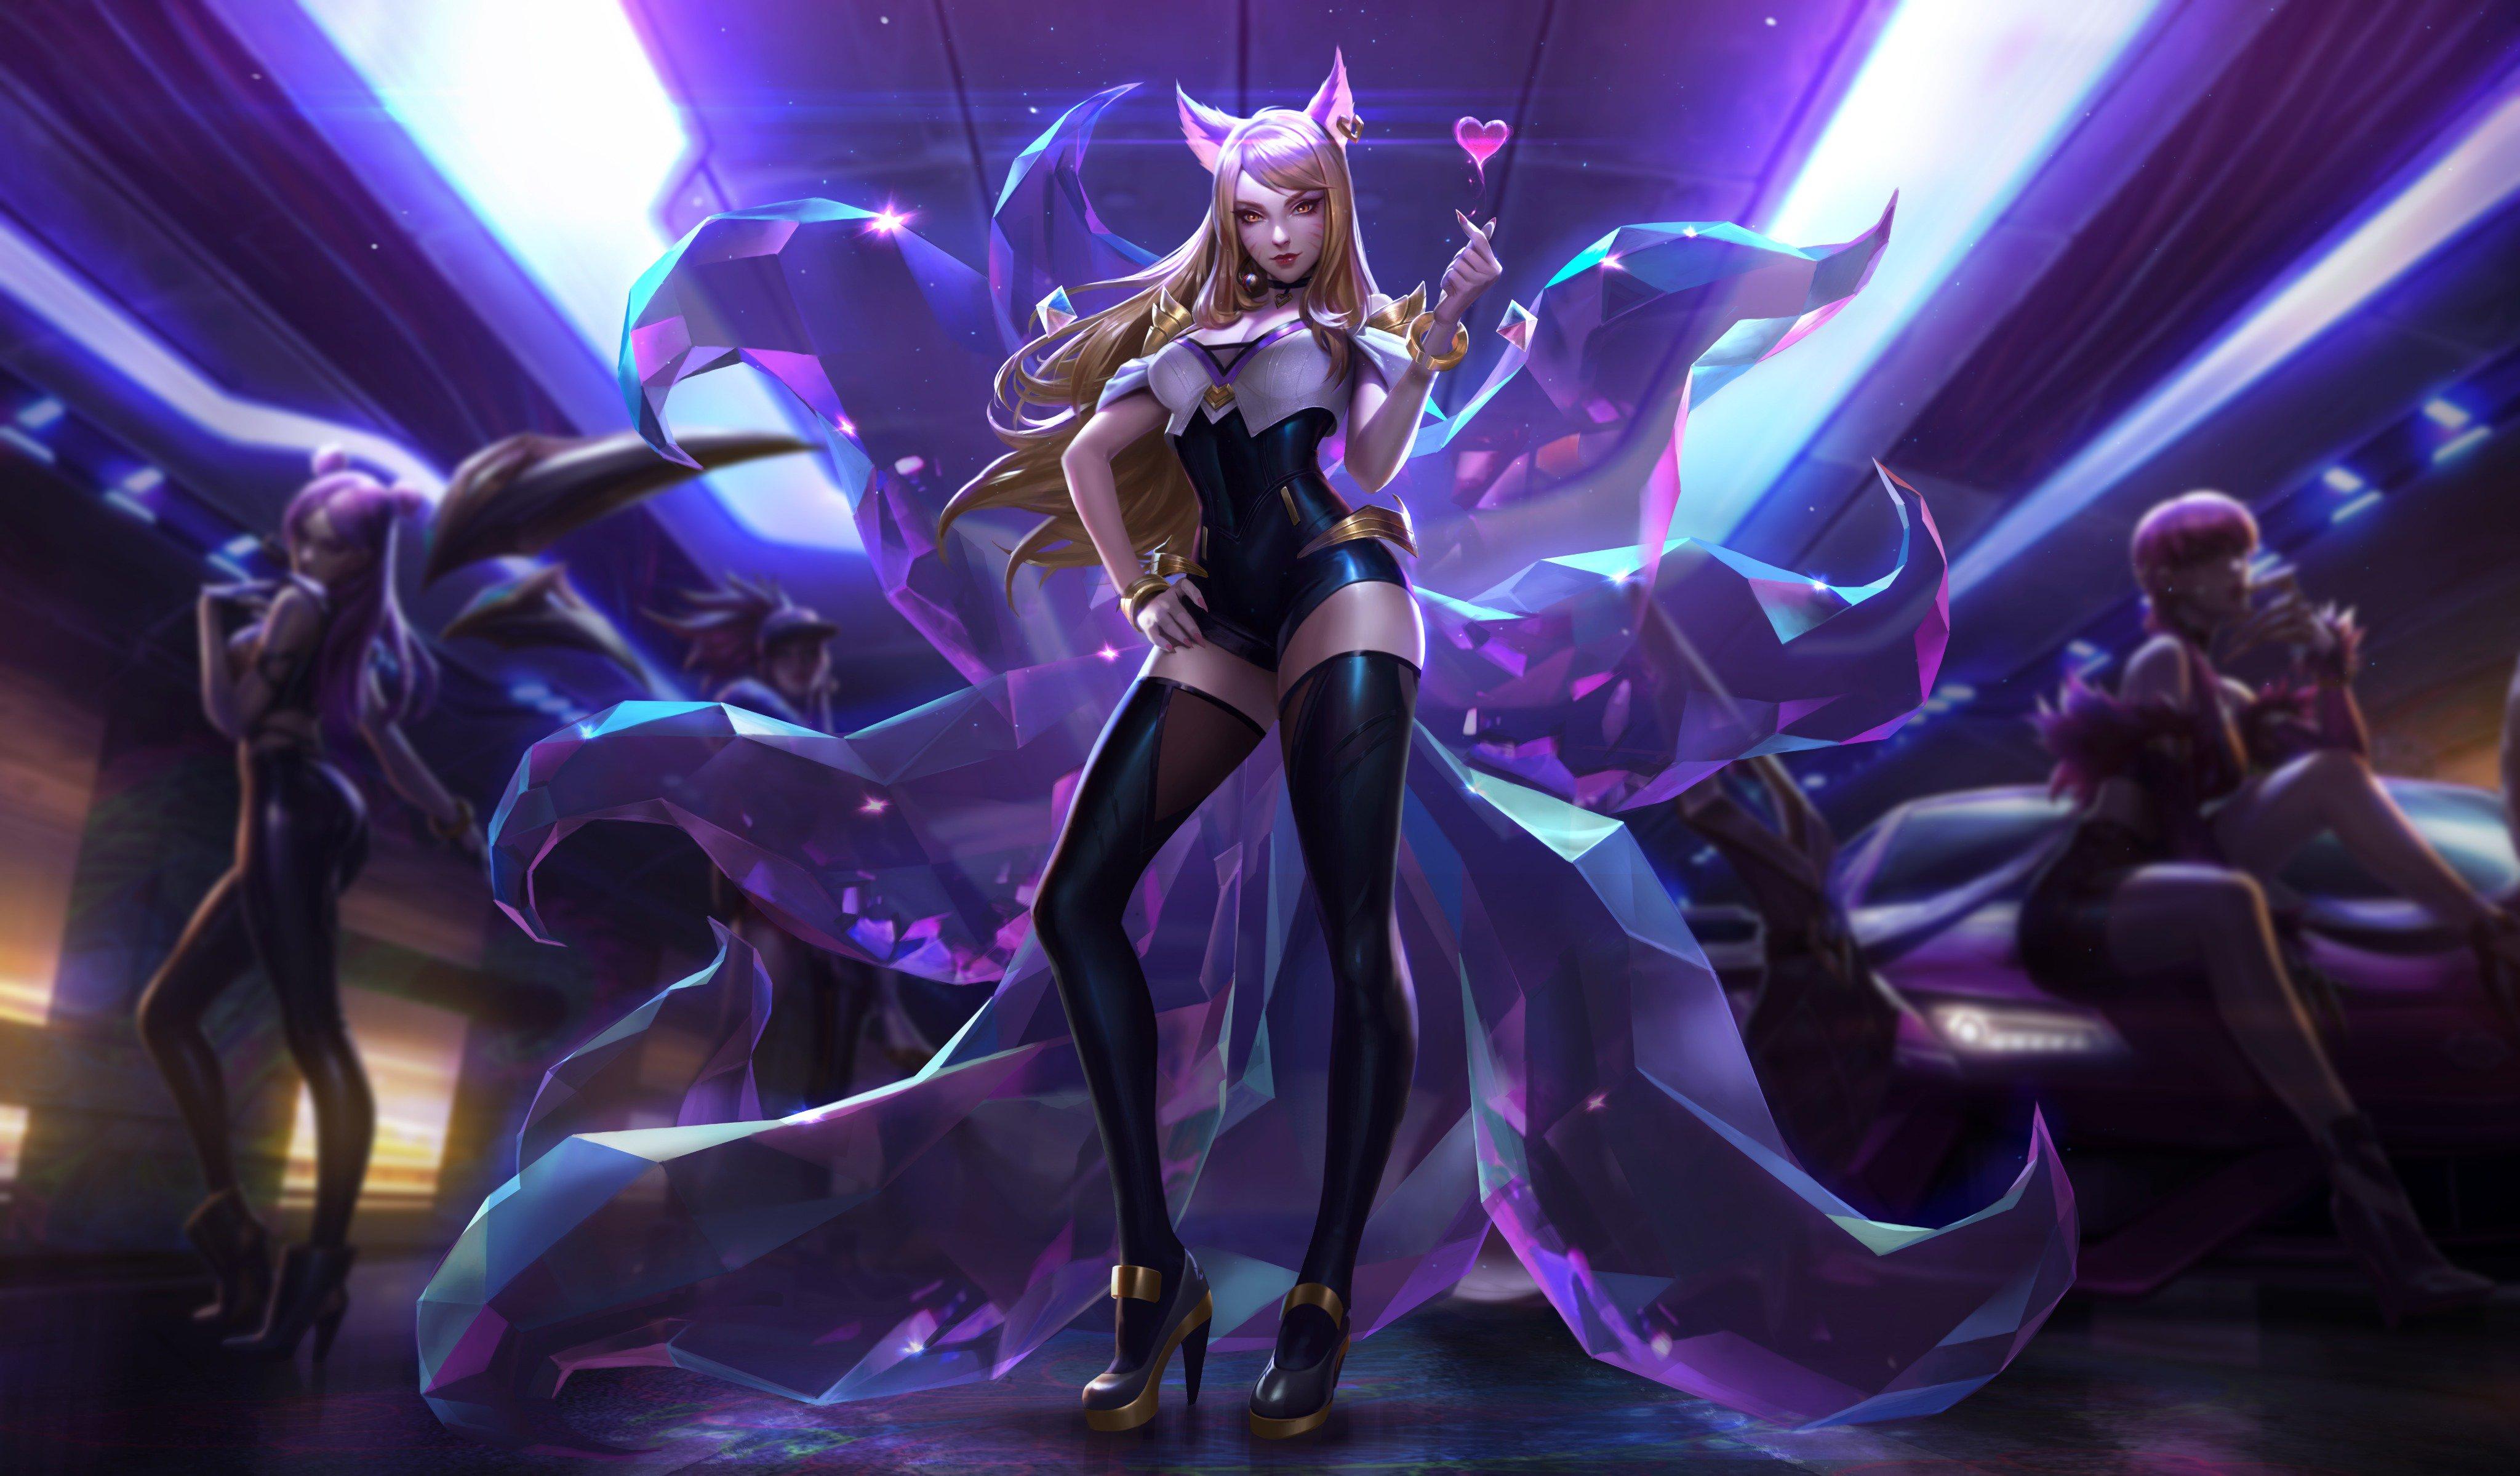 Summoner's-Rift-video-games-League-of-Legends-Ahri-League-of-Legends-1477011.jpg